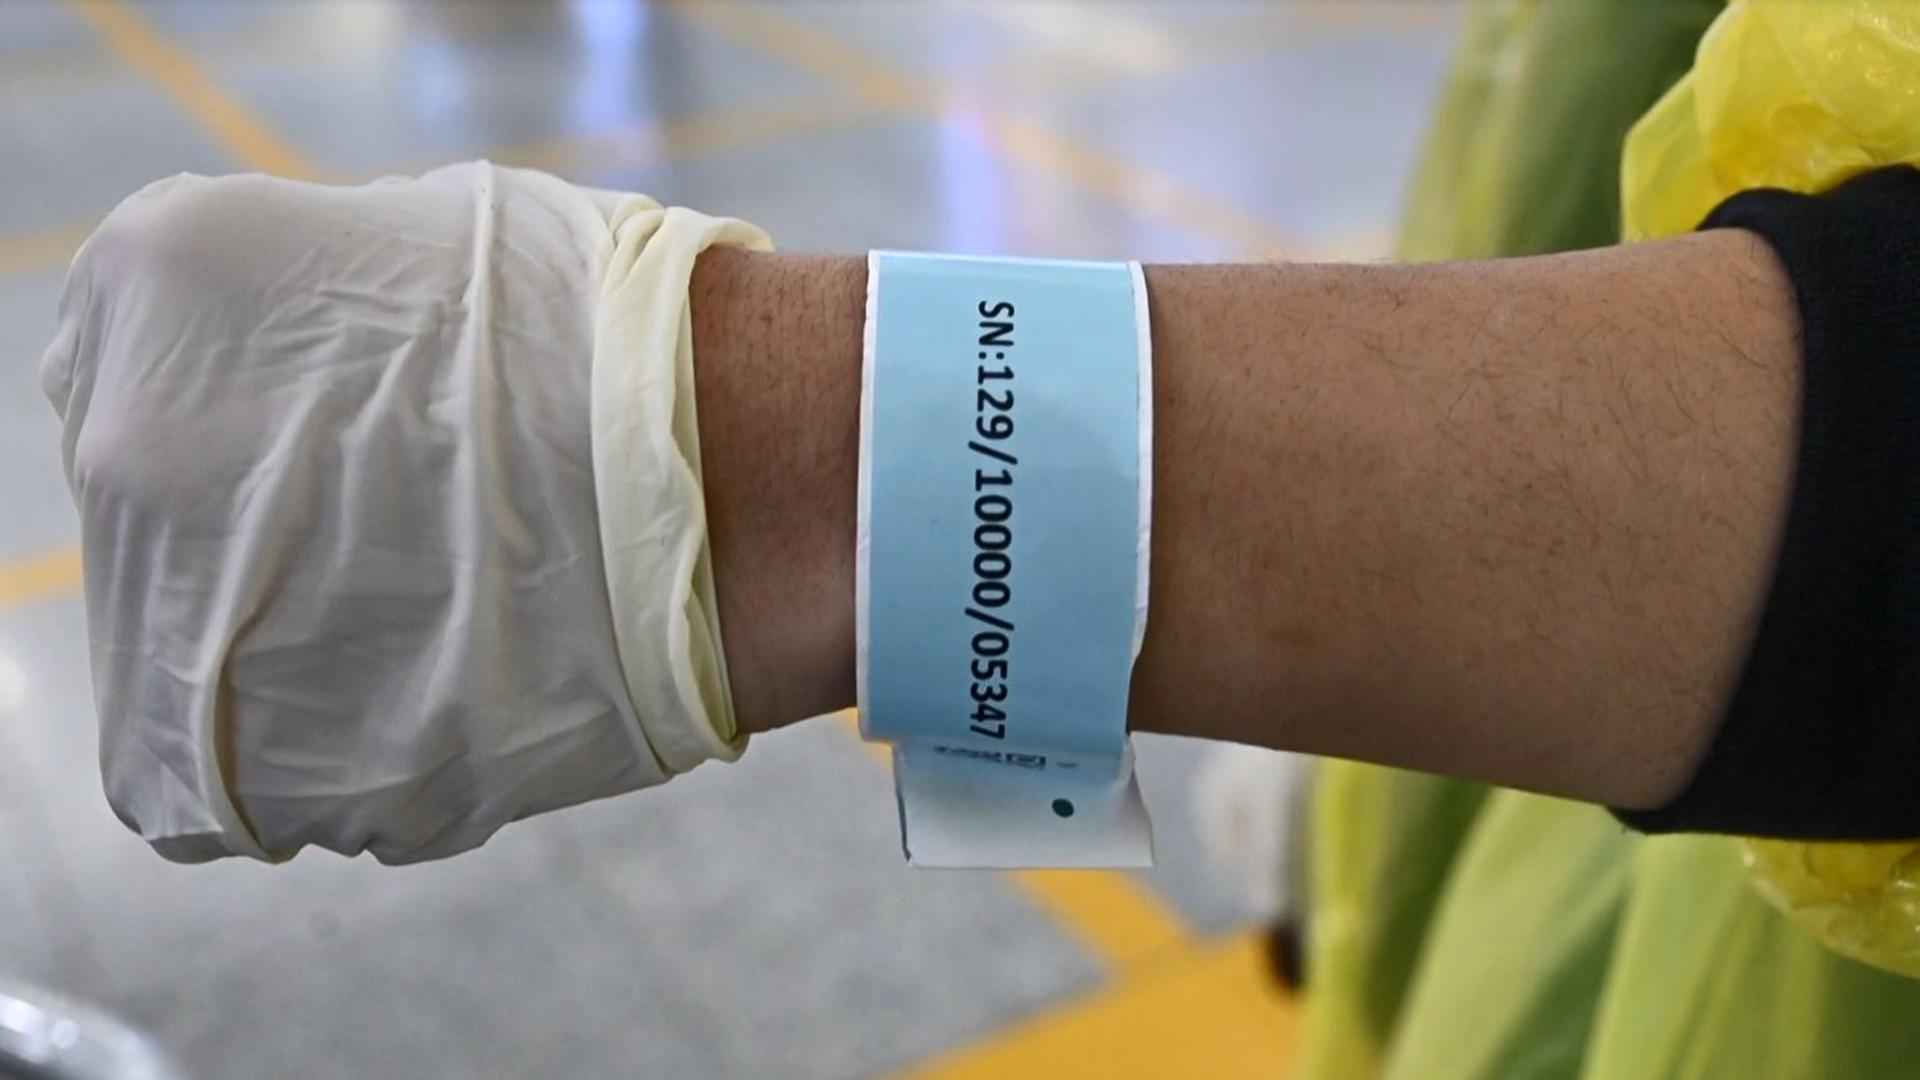 Controvesial brazalete monitorea a personas por el COVID-19